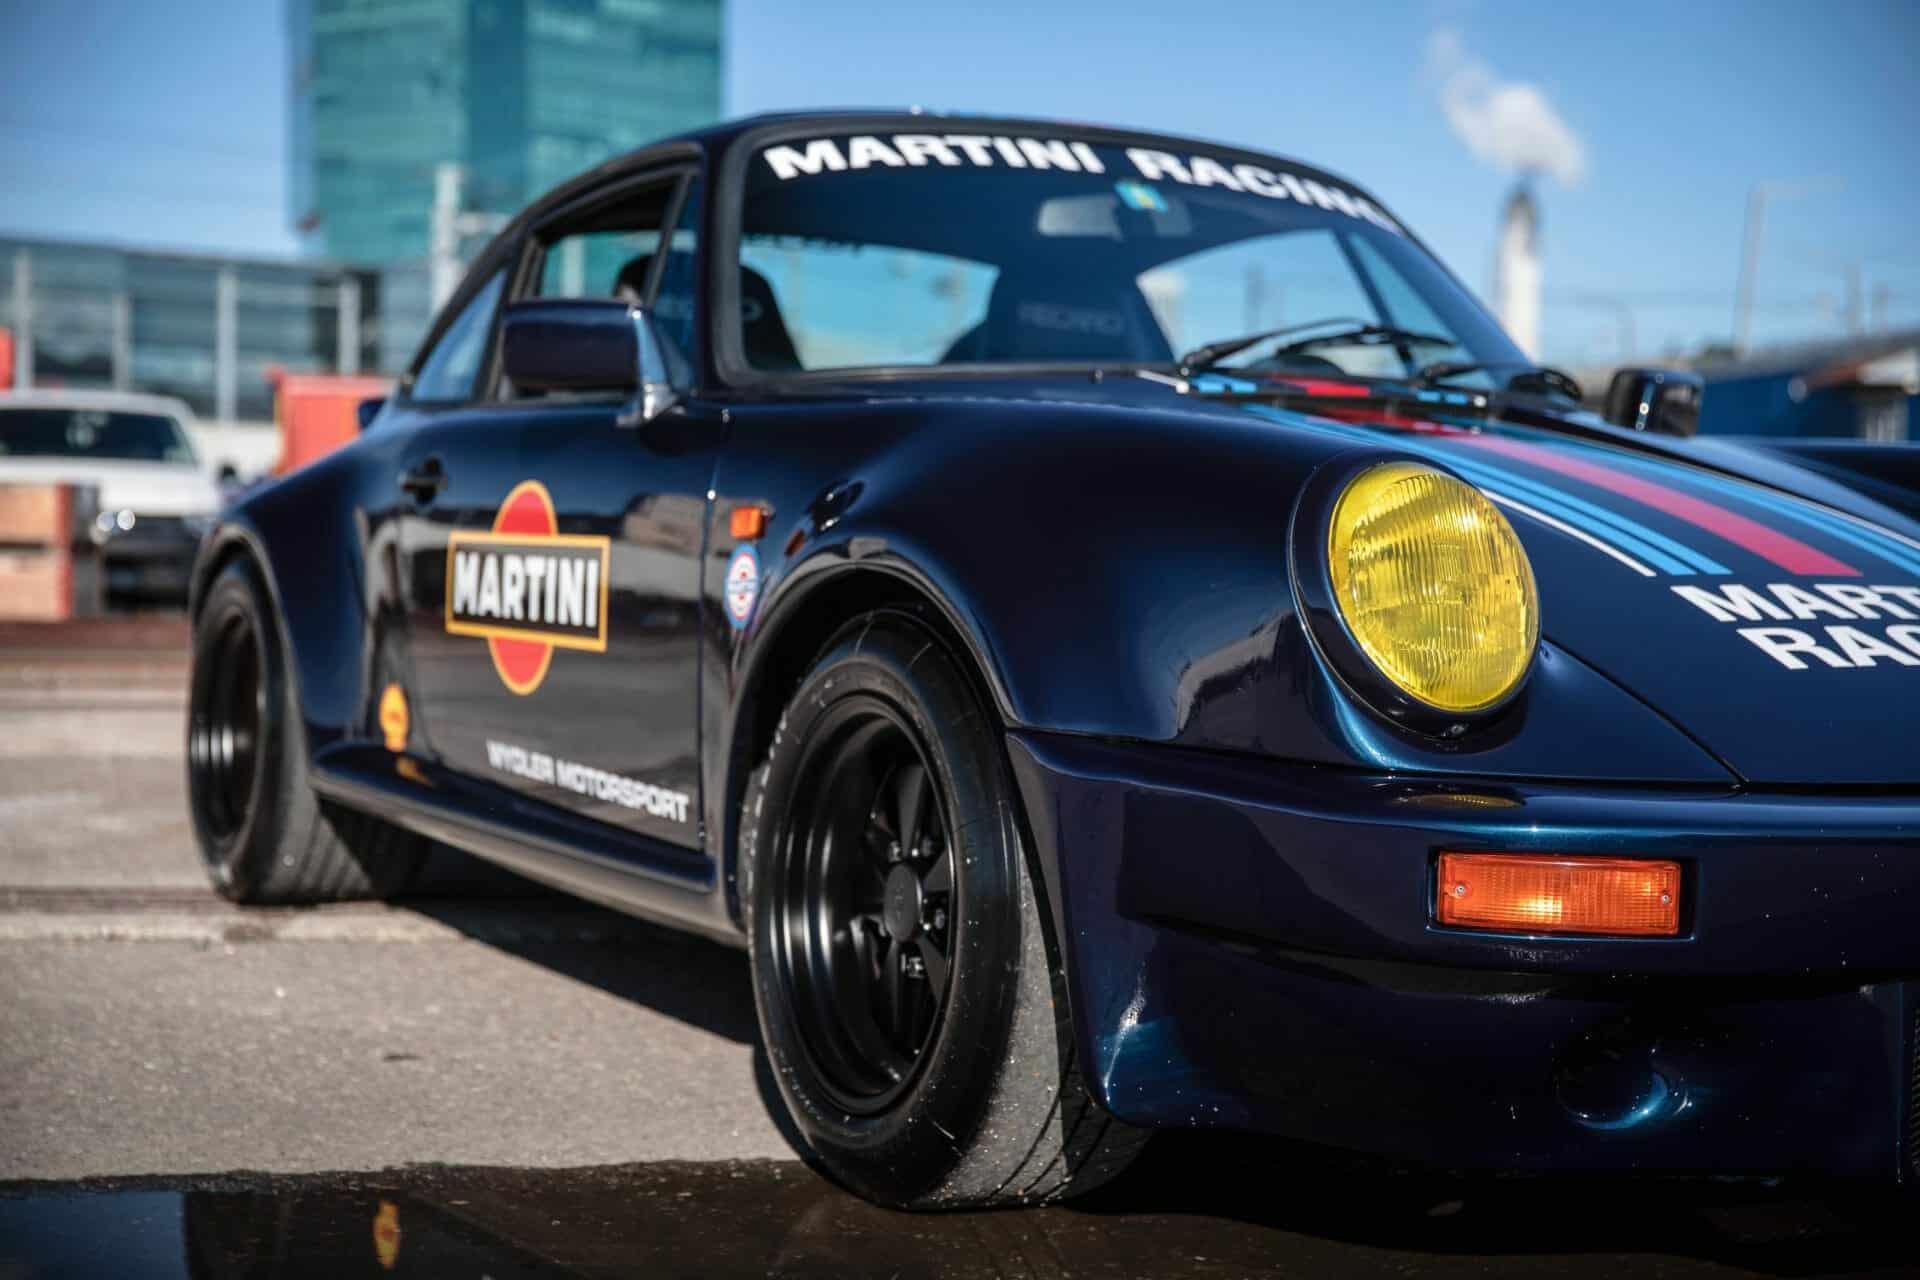 Porsche 911 Martini81 - Picture 13